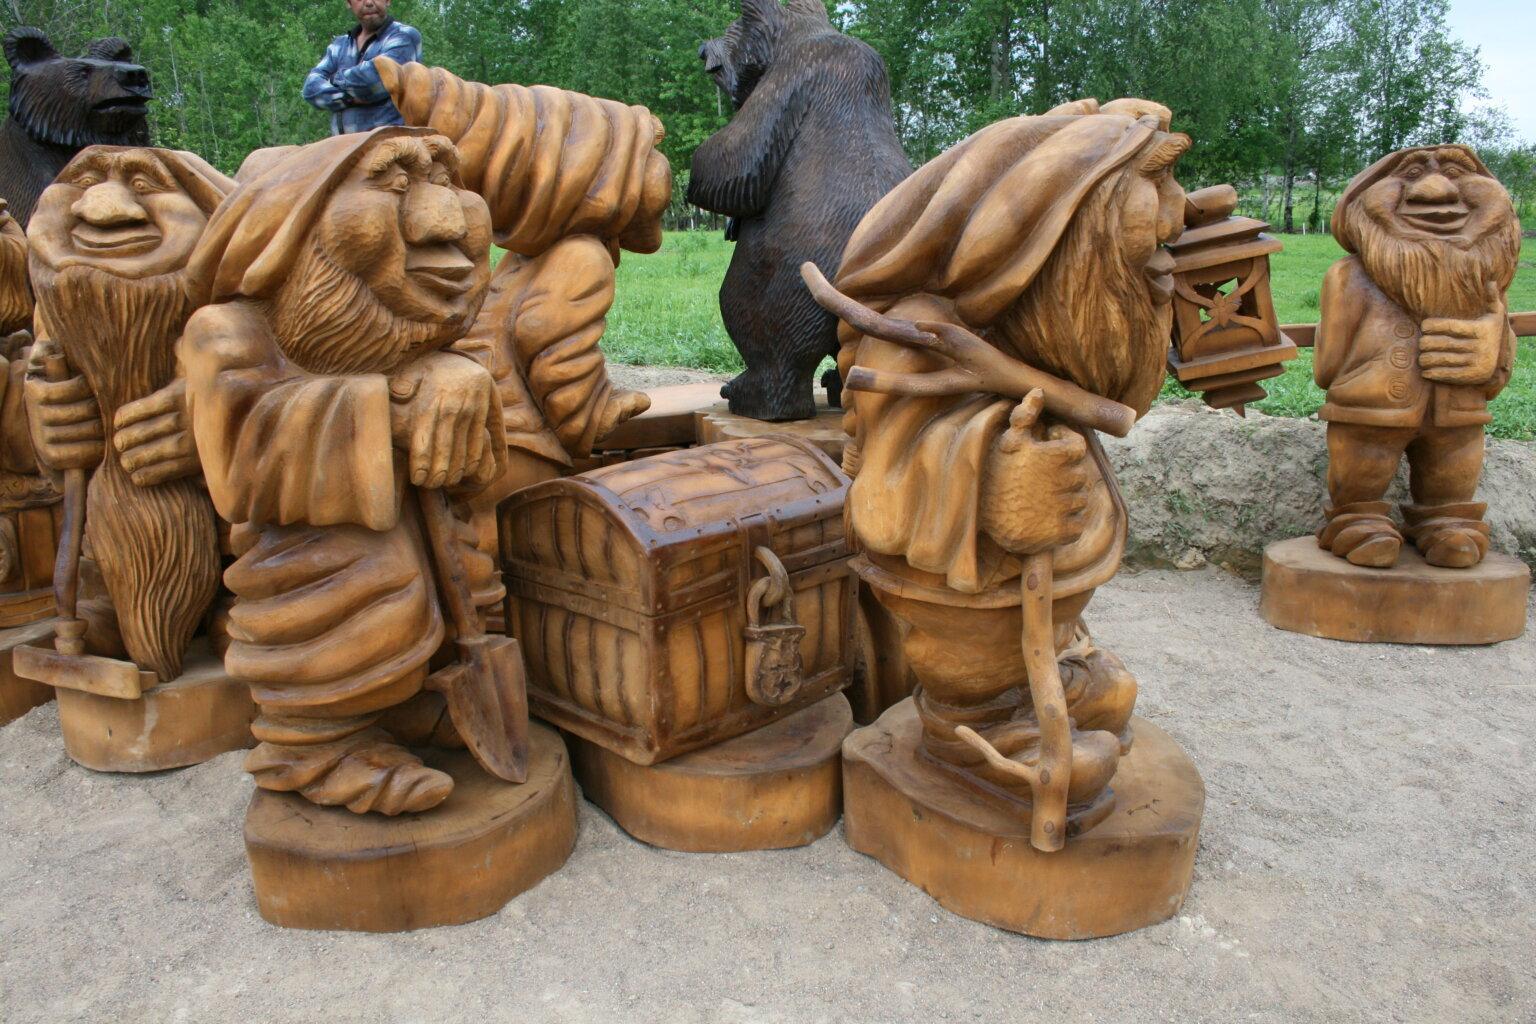 Гномы из дерева скульптура